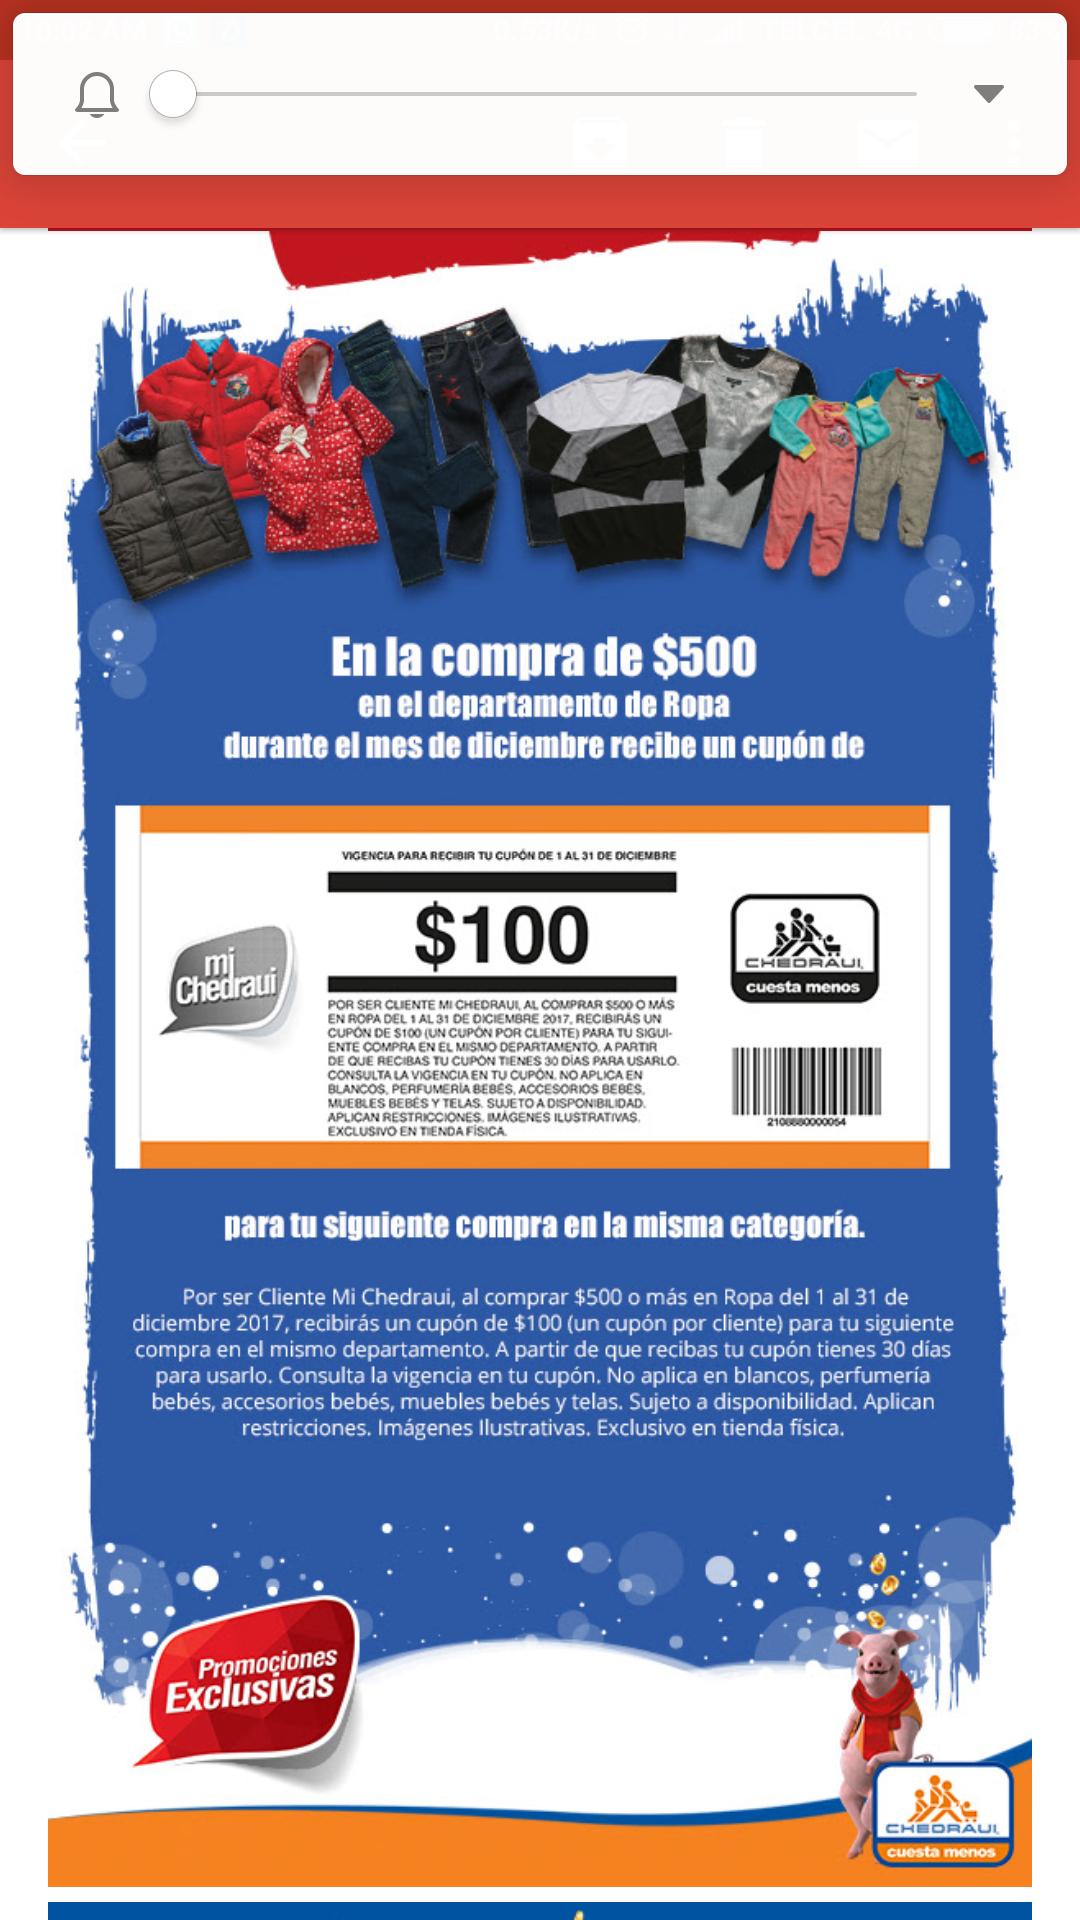 Chedraui: REGRESO EL ORO MOLIDO RECARGADO, cupón de $100 de descuento por cada $500 en ropa